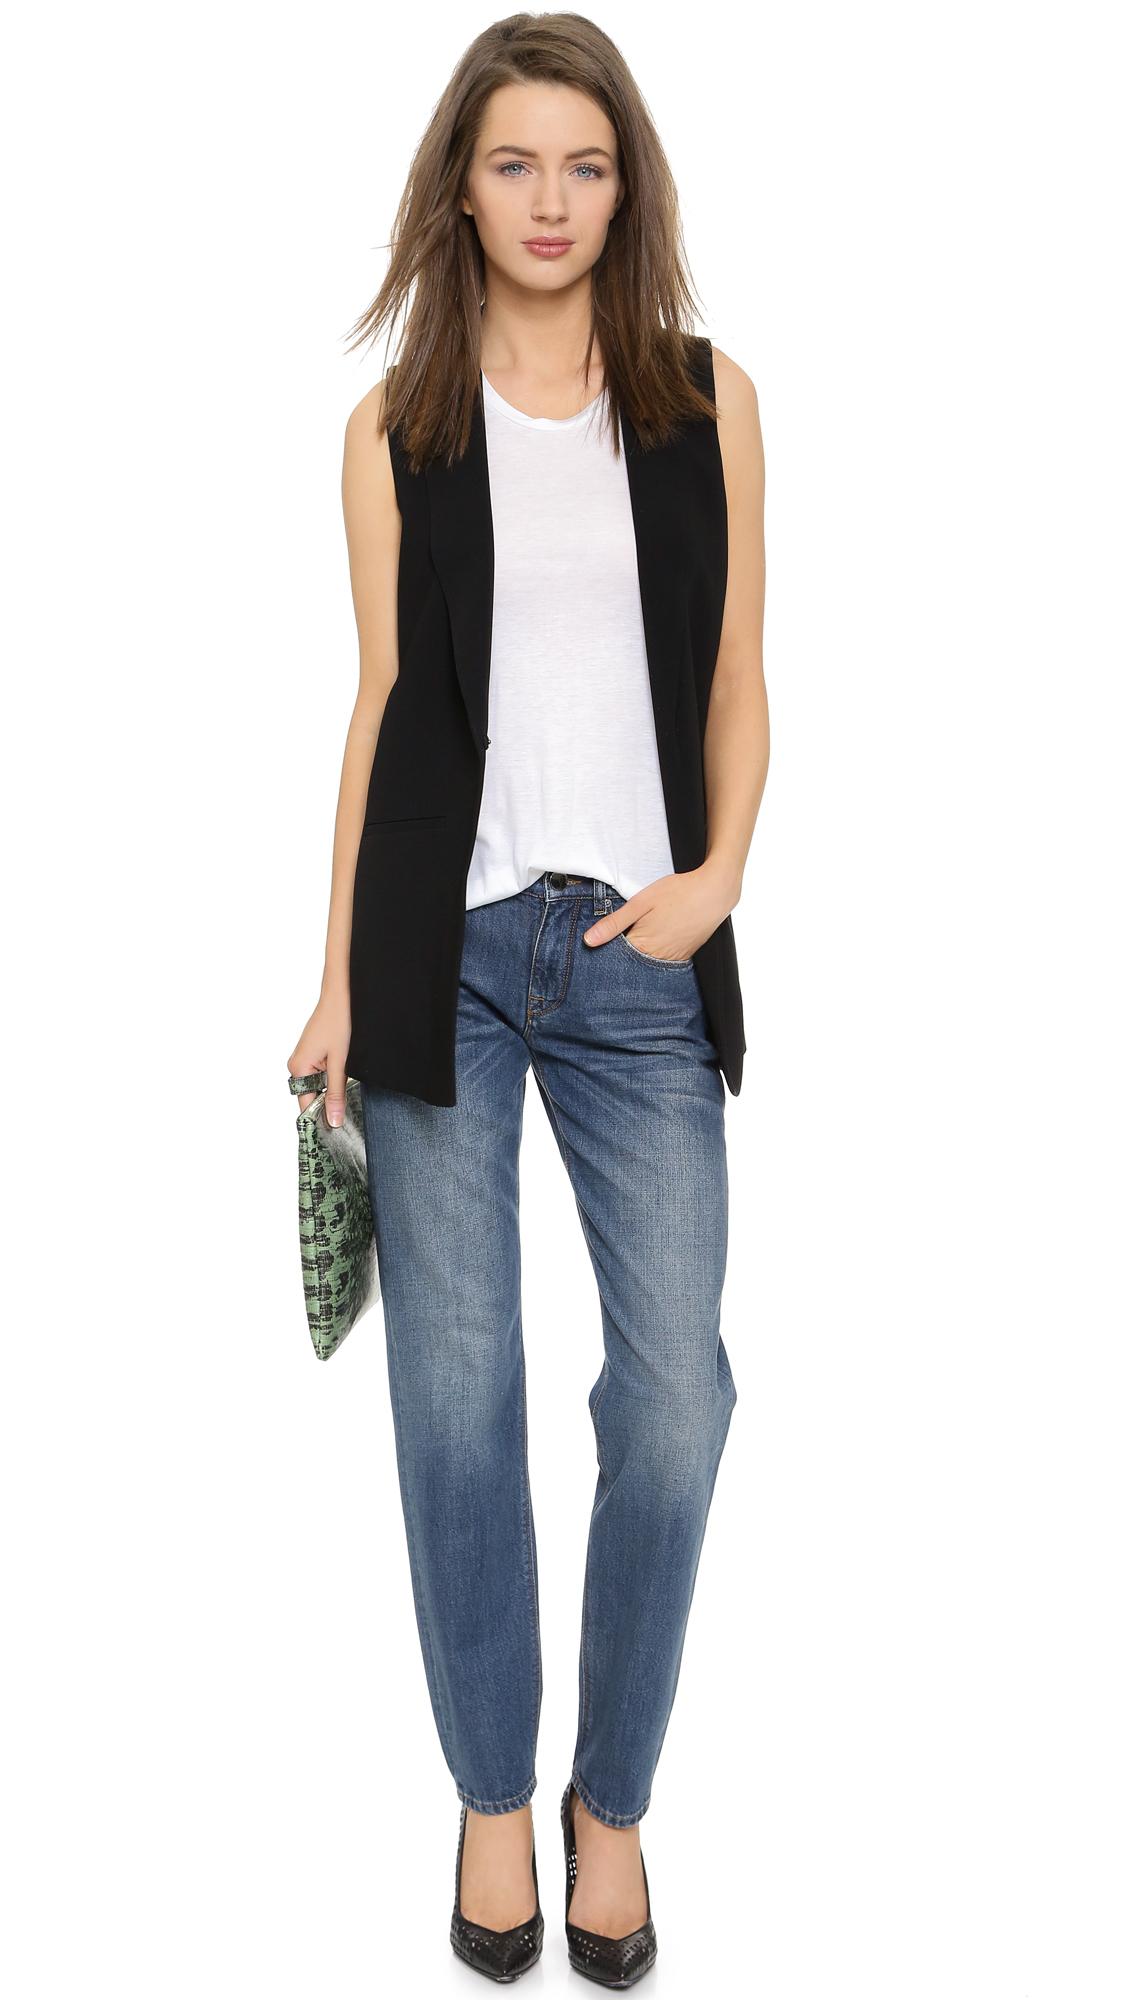 Victoria Beckham Boyfriend Jeans - Wash 12 in Blue